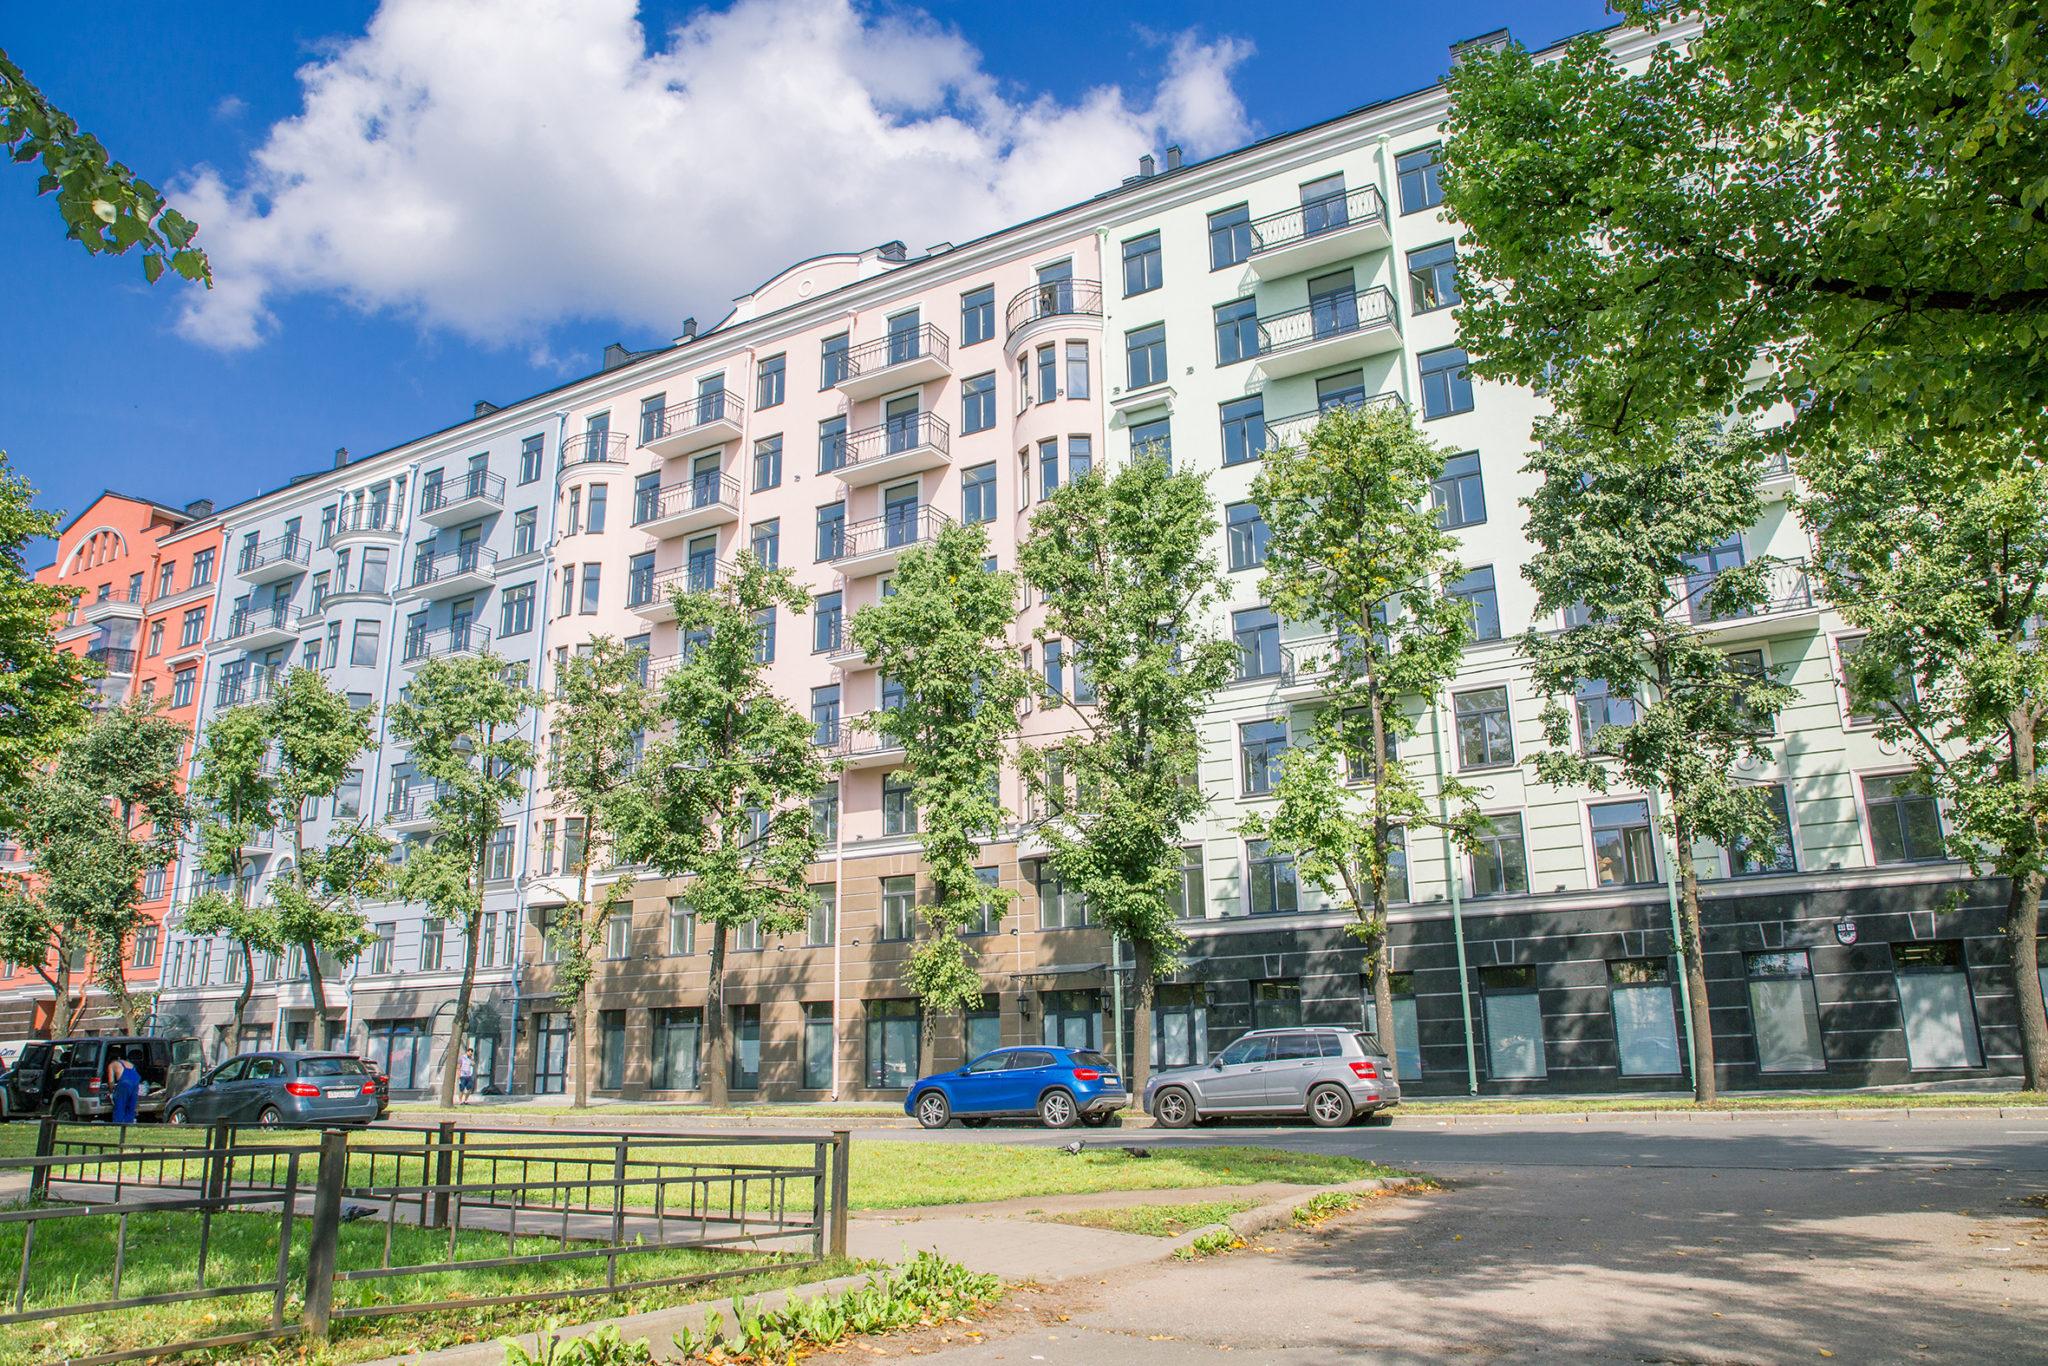 Первые жители вселятся в новые квартиры ЖК «Две Эпохи» на Васильевском острове г. Санкт-Петербург